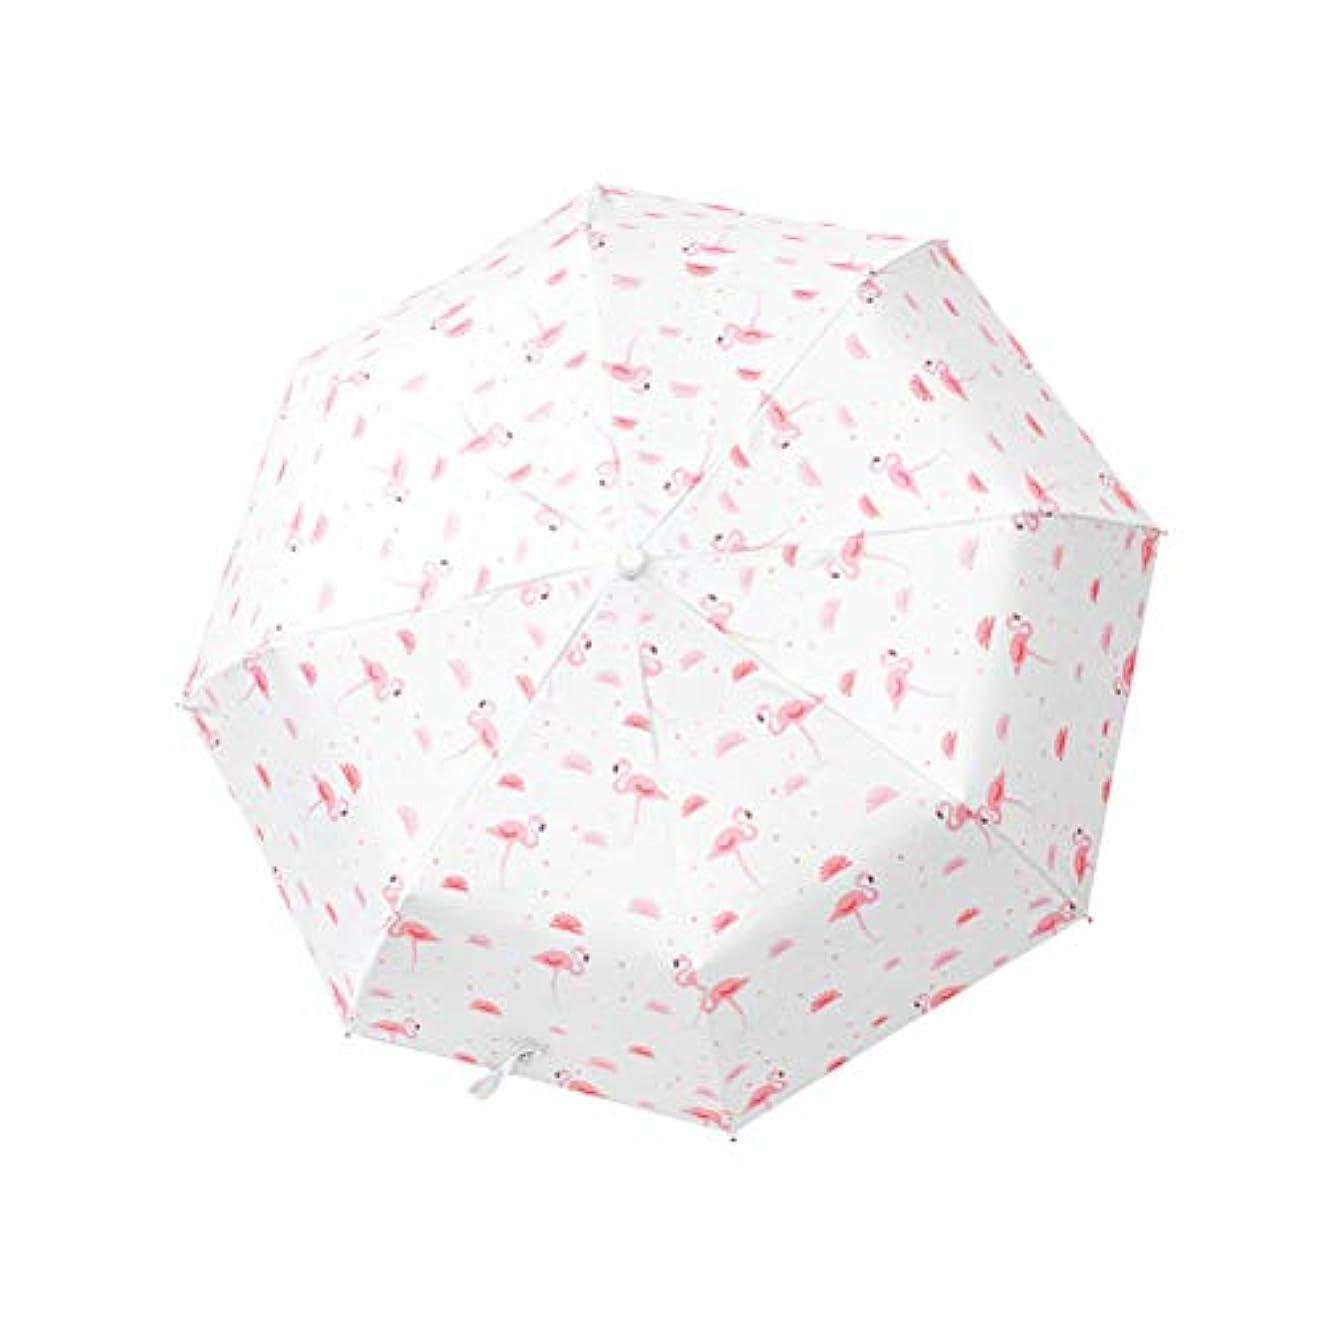 懸念とげアウトドアLIOOBO 日傘パラソルフラミンゴ折りたたみ傘軽量屋外旅行太陽傘紫外線保護